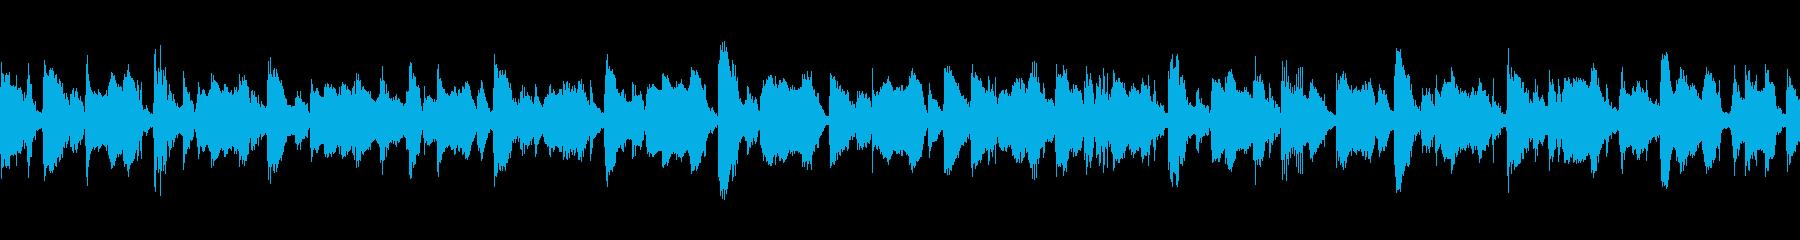 メロディックボサノバLOOPの再生済みの波形